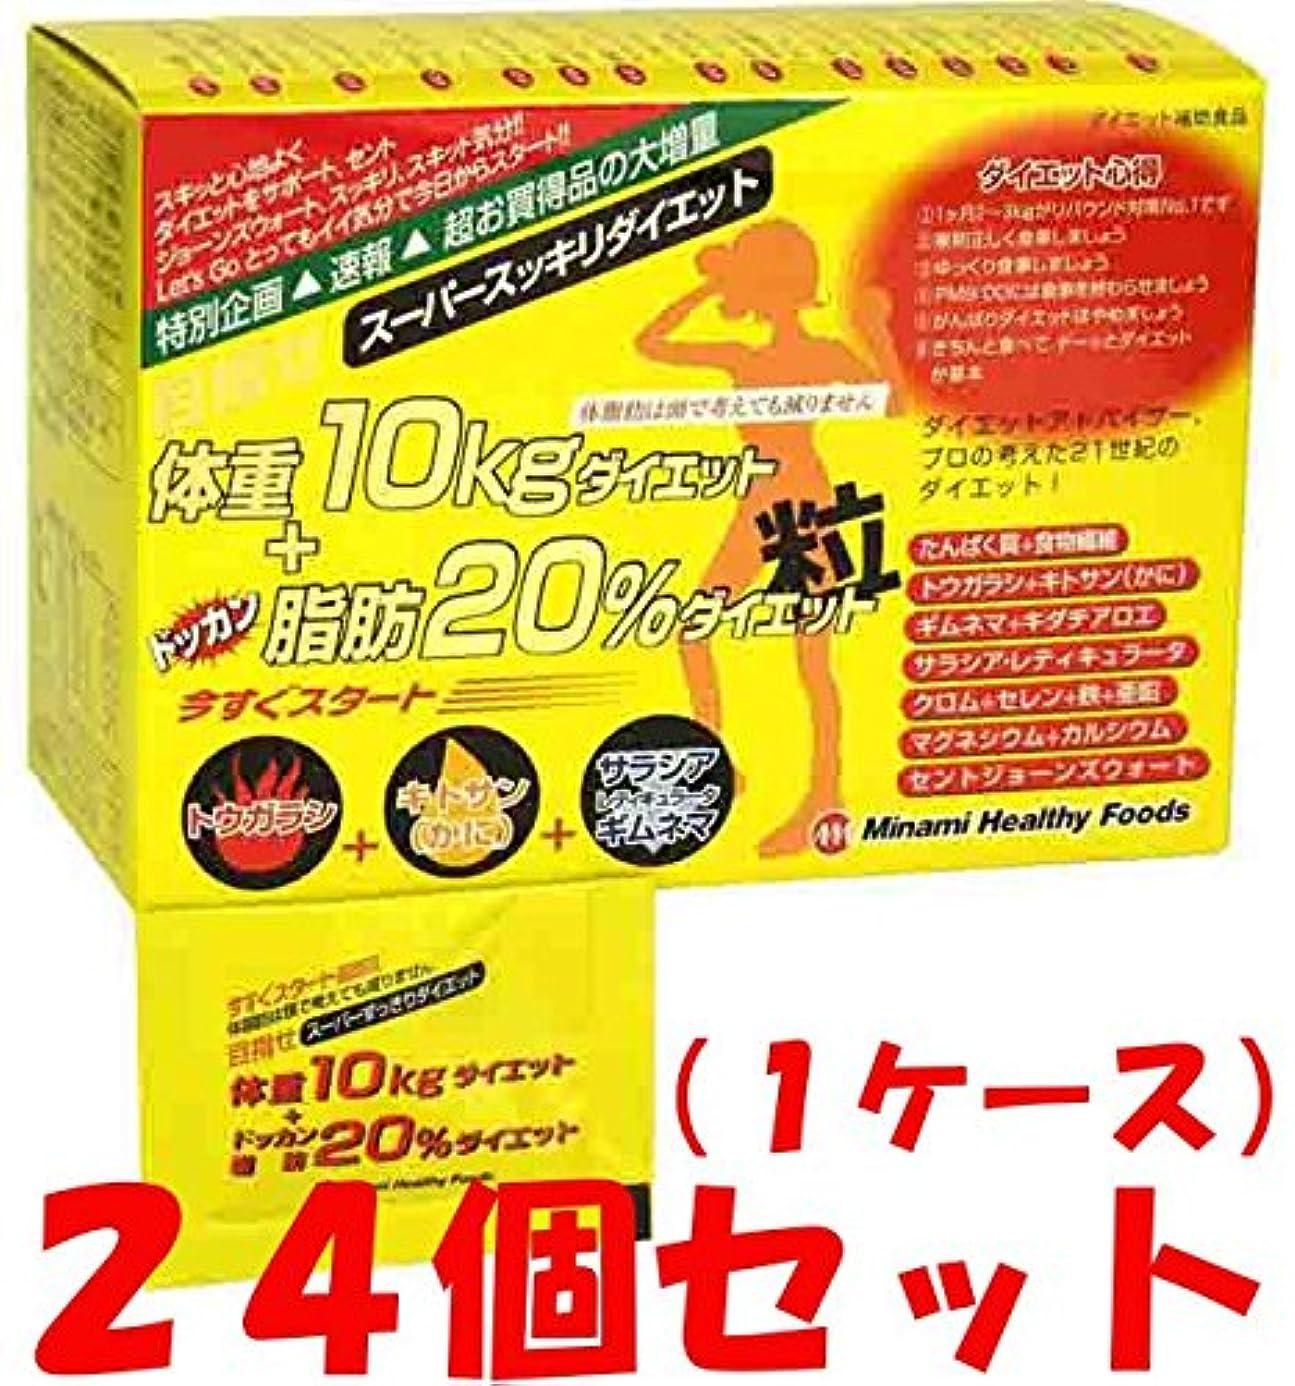 排除リップ控えめな【1ケース(24個)セット】目指せ体重10kgダイエット+ドッカン脂肪20%ダイエット粒 6粒×75袋